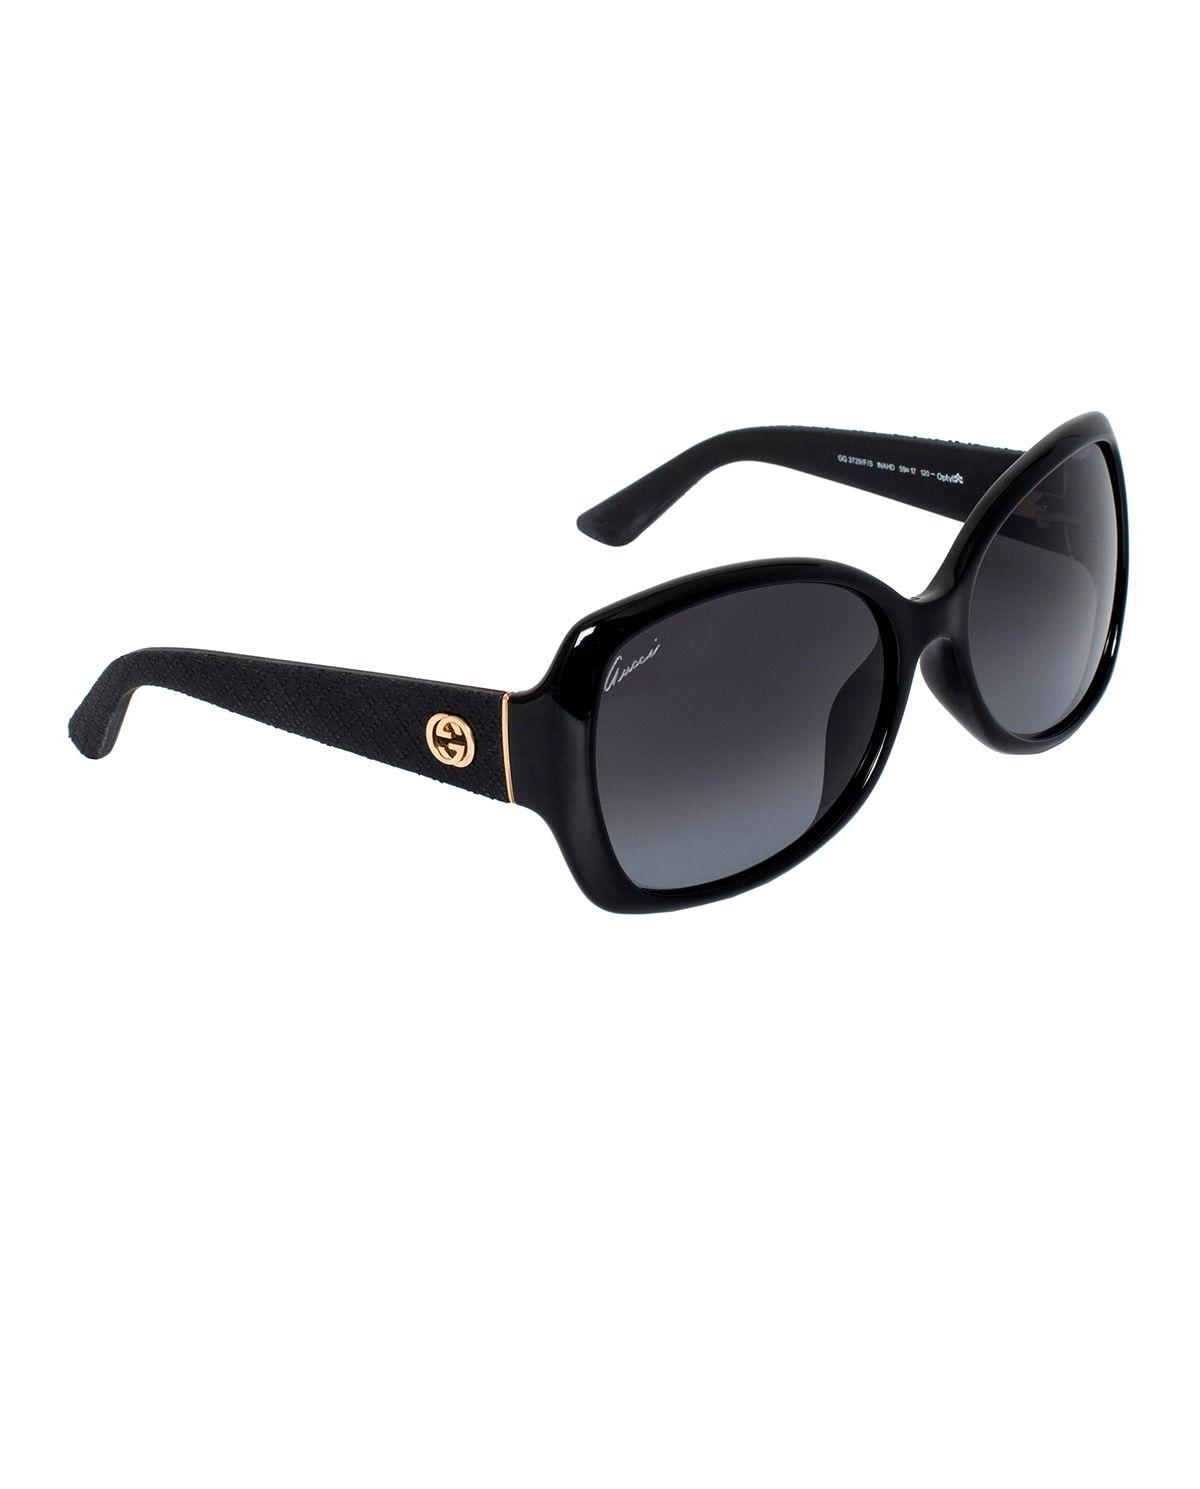 bf84329ac14aaa Okulary przeciwsłoneczne. Powrót do listingu produktów. CENA 1 480zł  sprzedane. powiększ